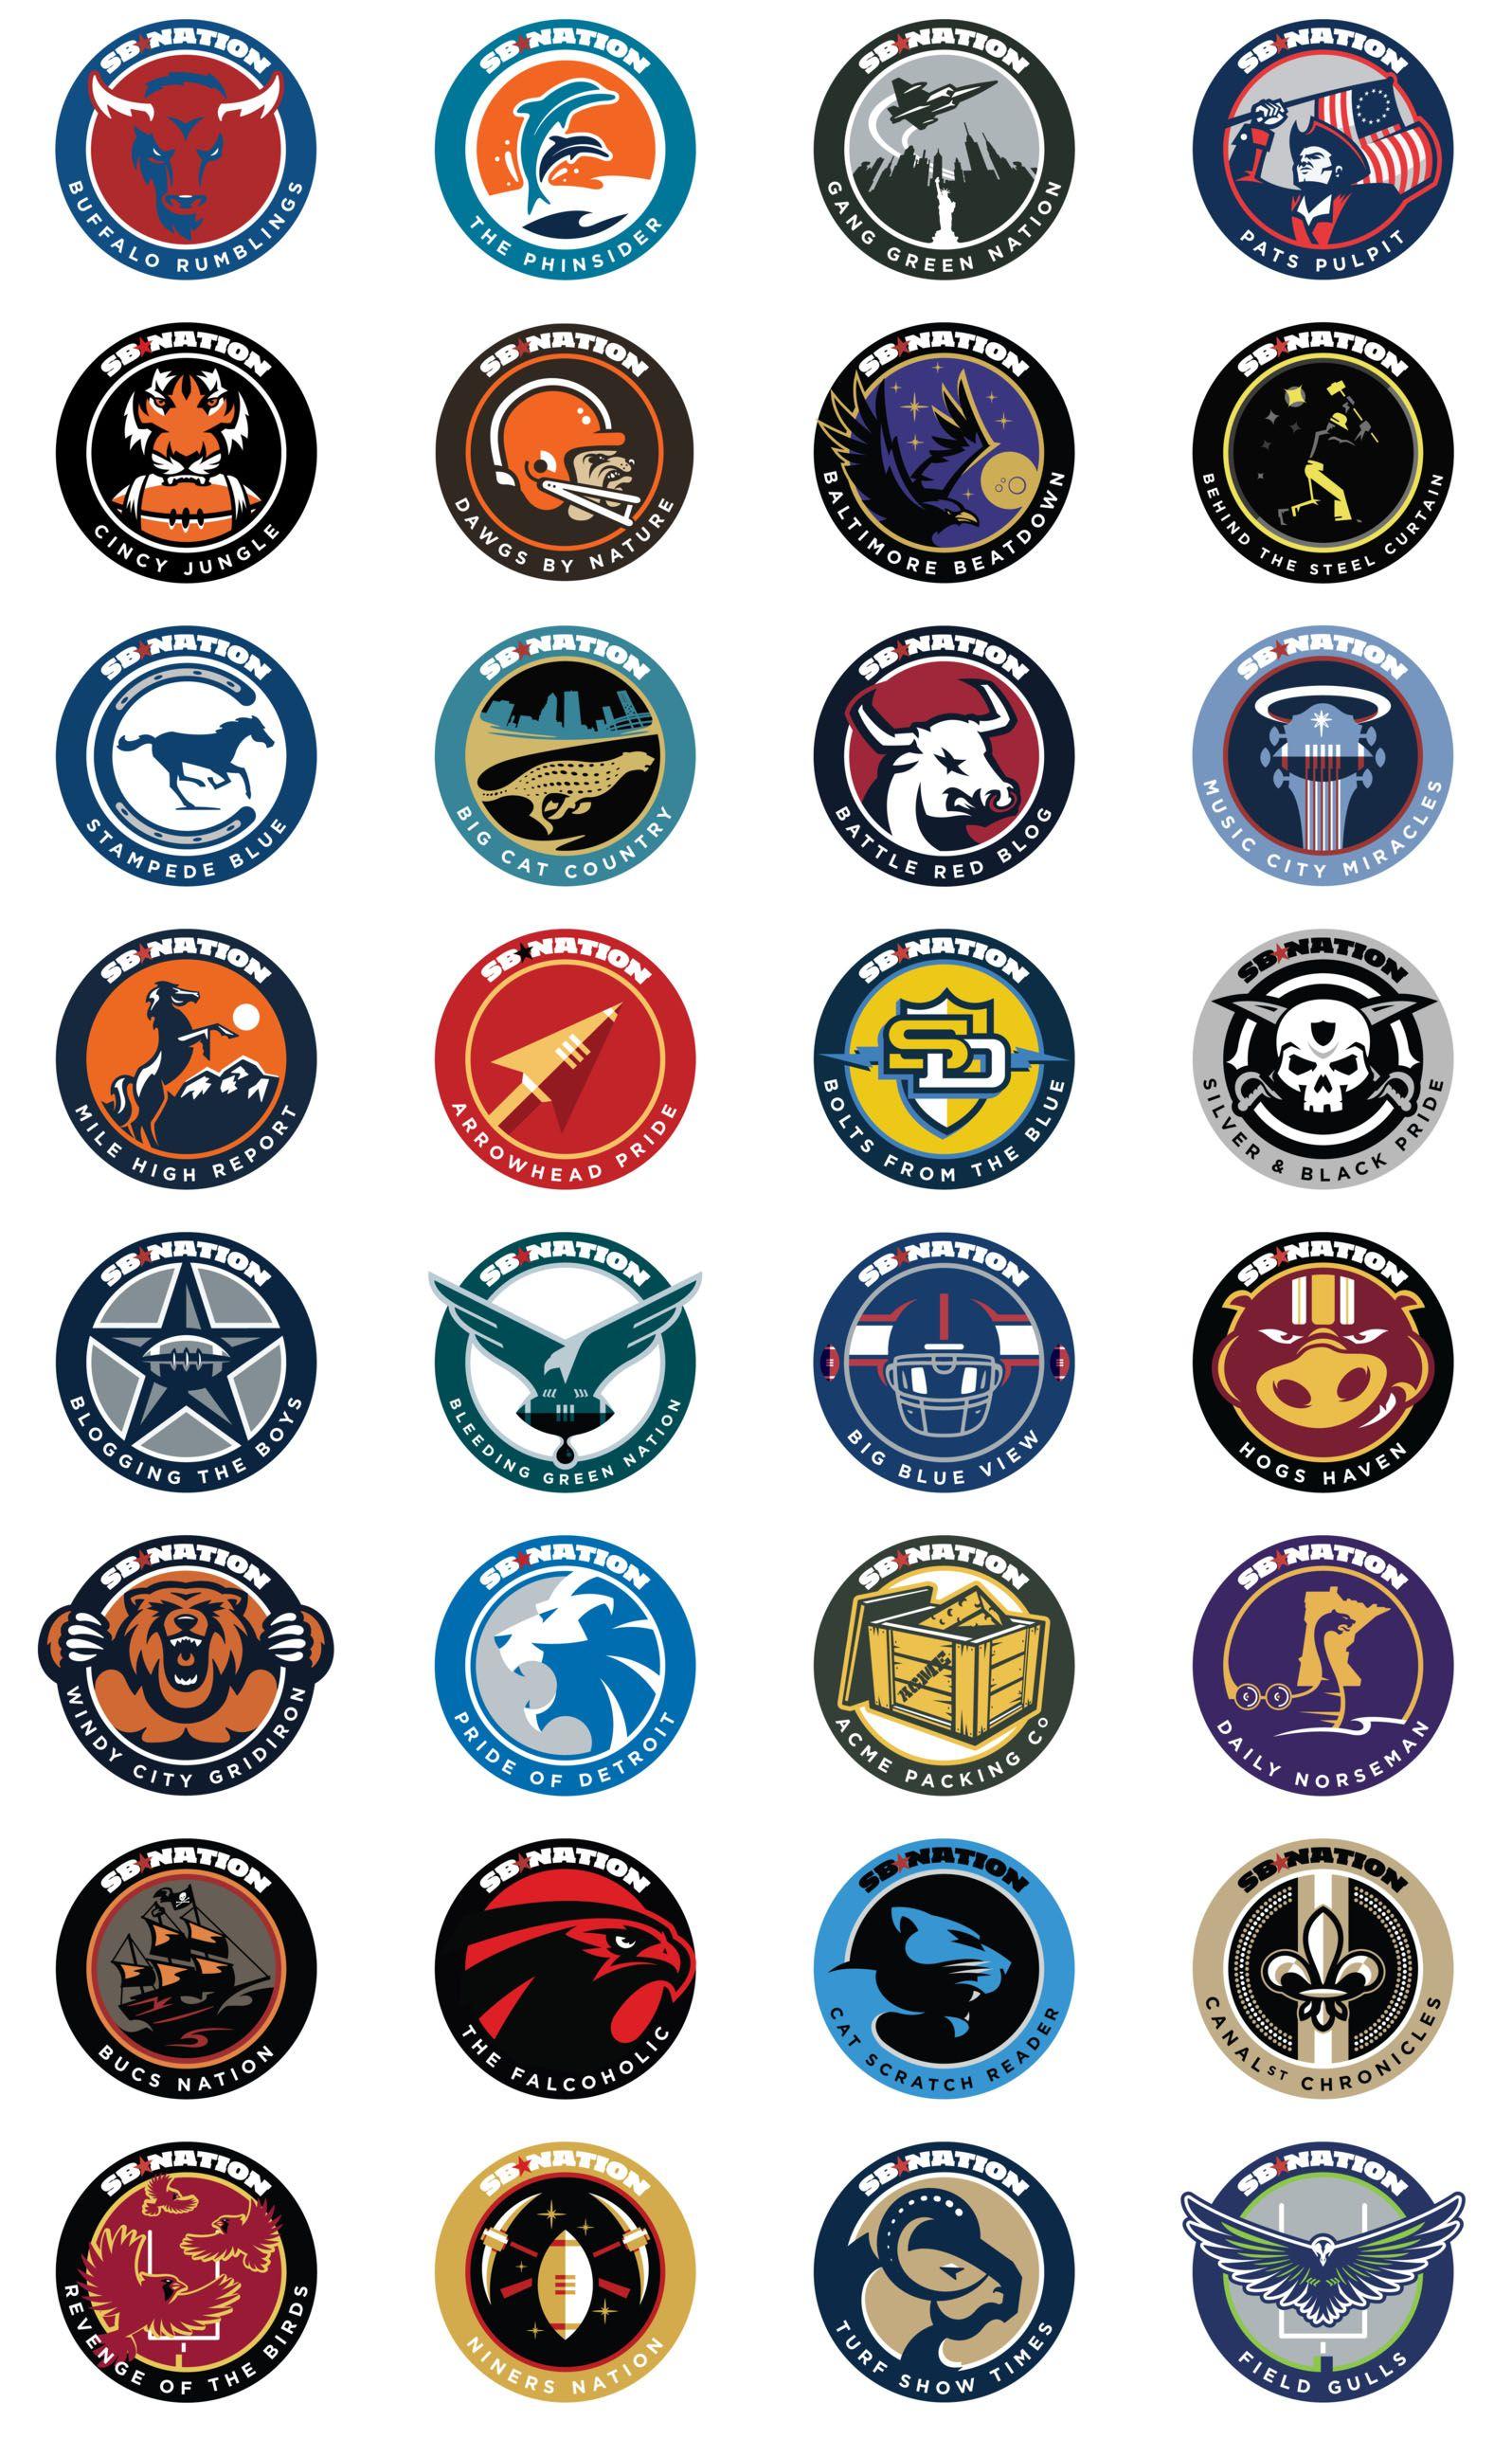 New SB Nation NFL logos  1ac81e5e218